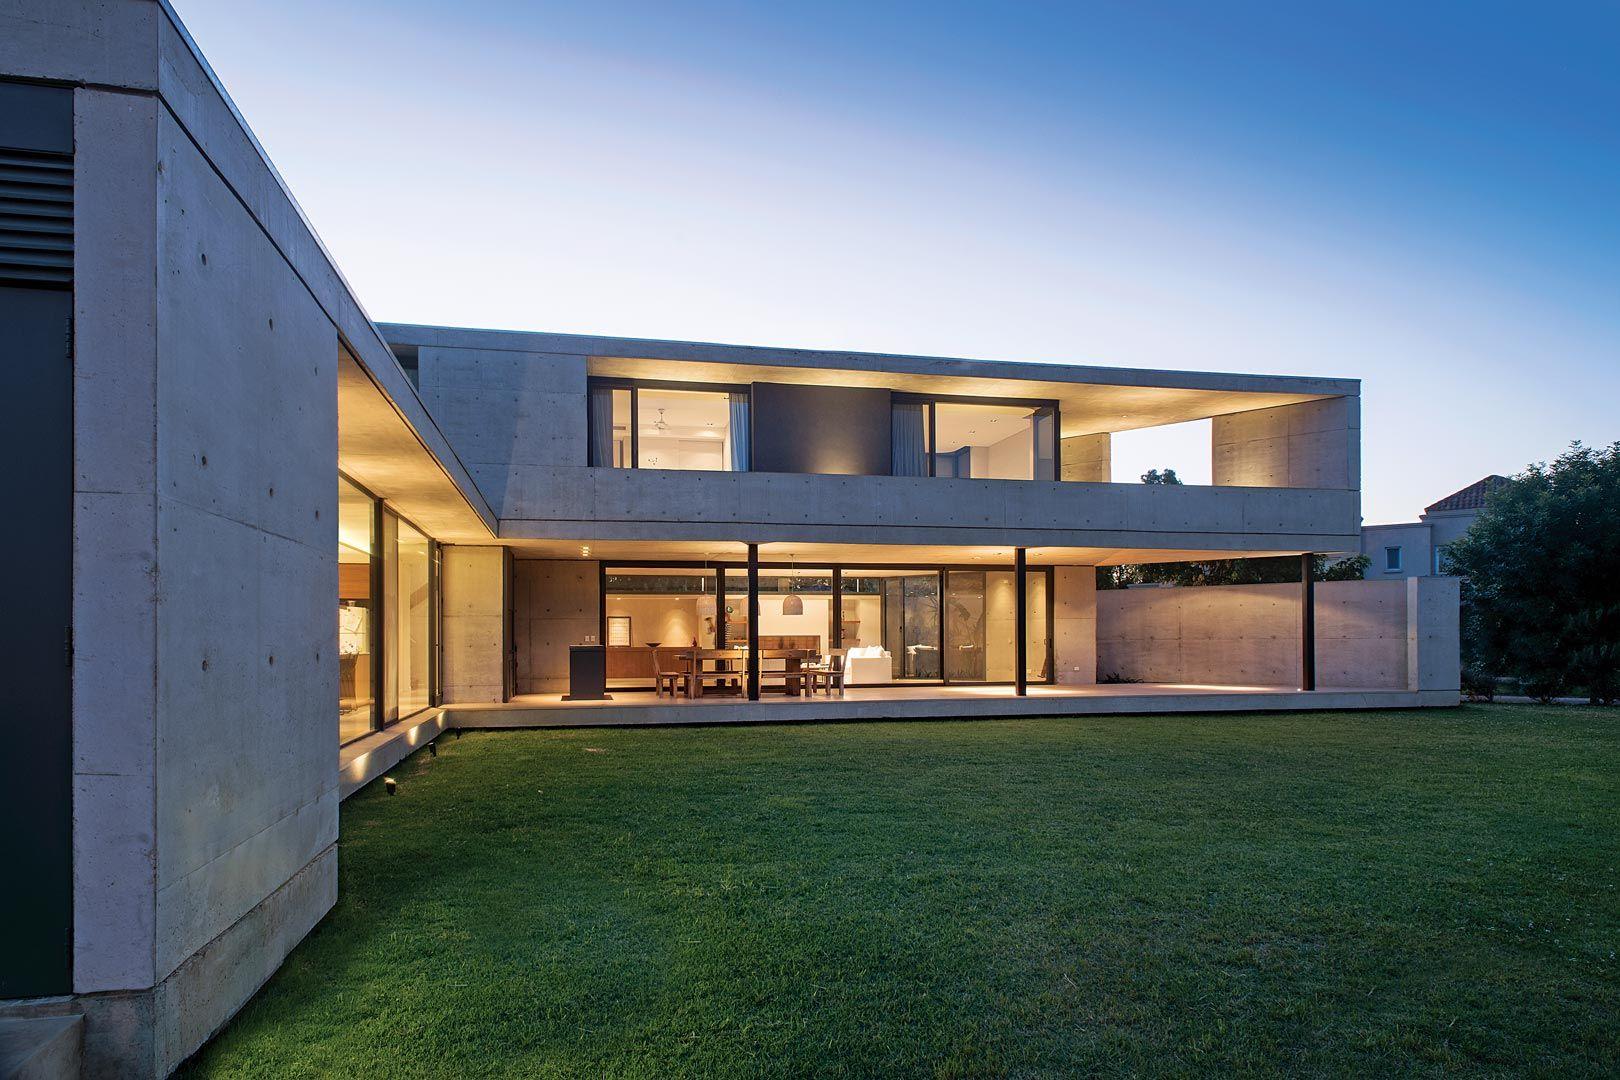 Amado cattaneo arquitectos casa chia en 2019 architecture ideas casas casas modernas y - Arquitectos casas modernas ...